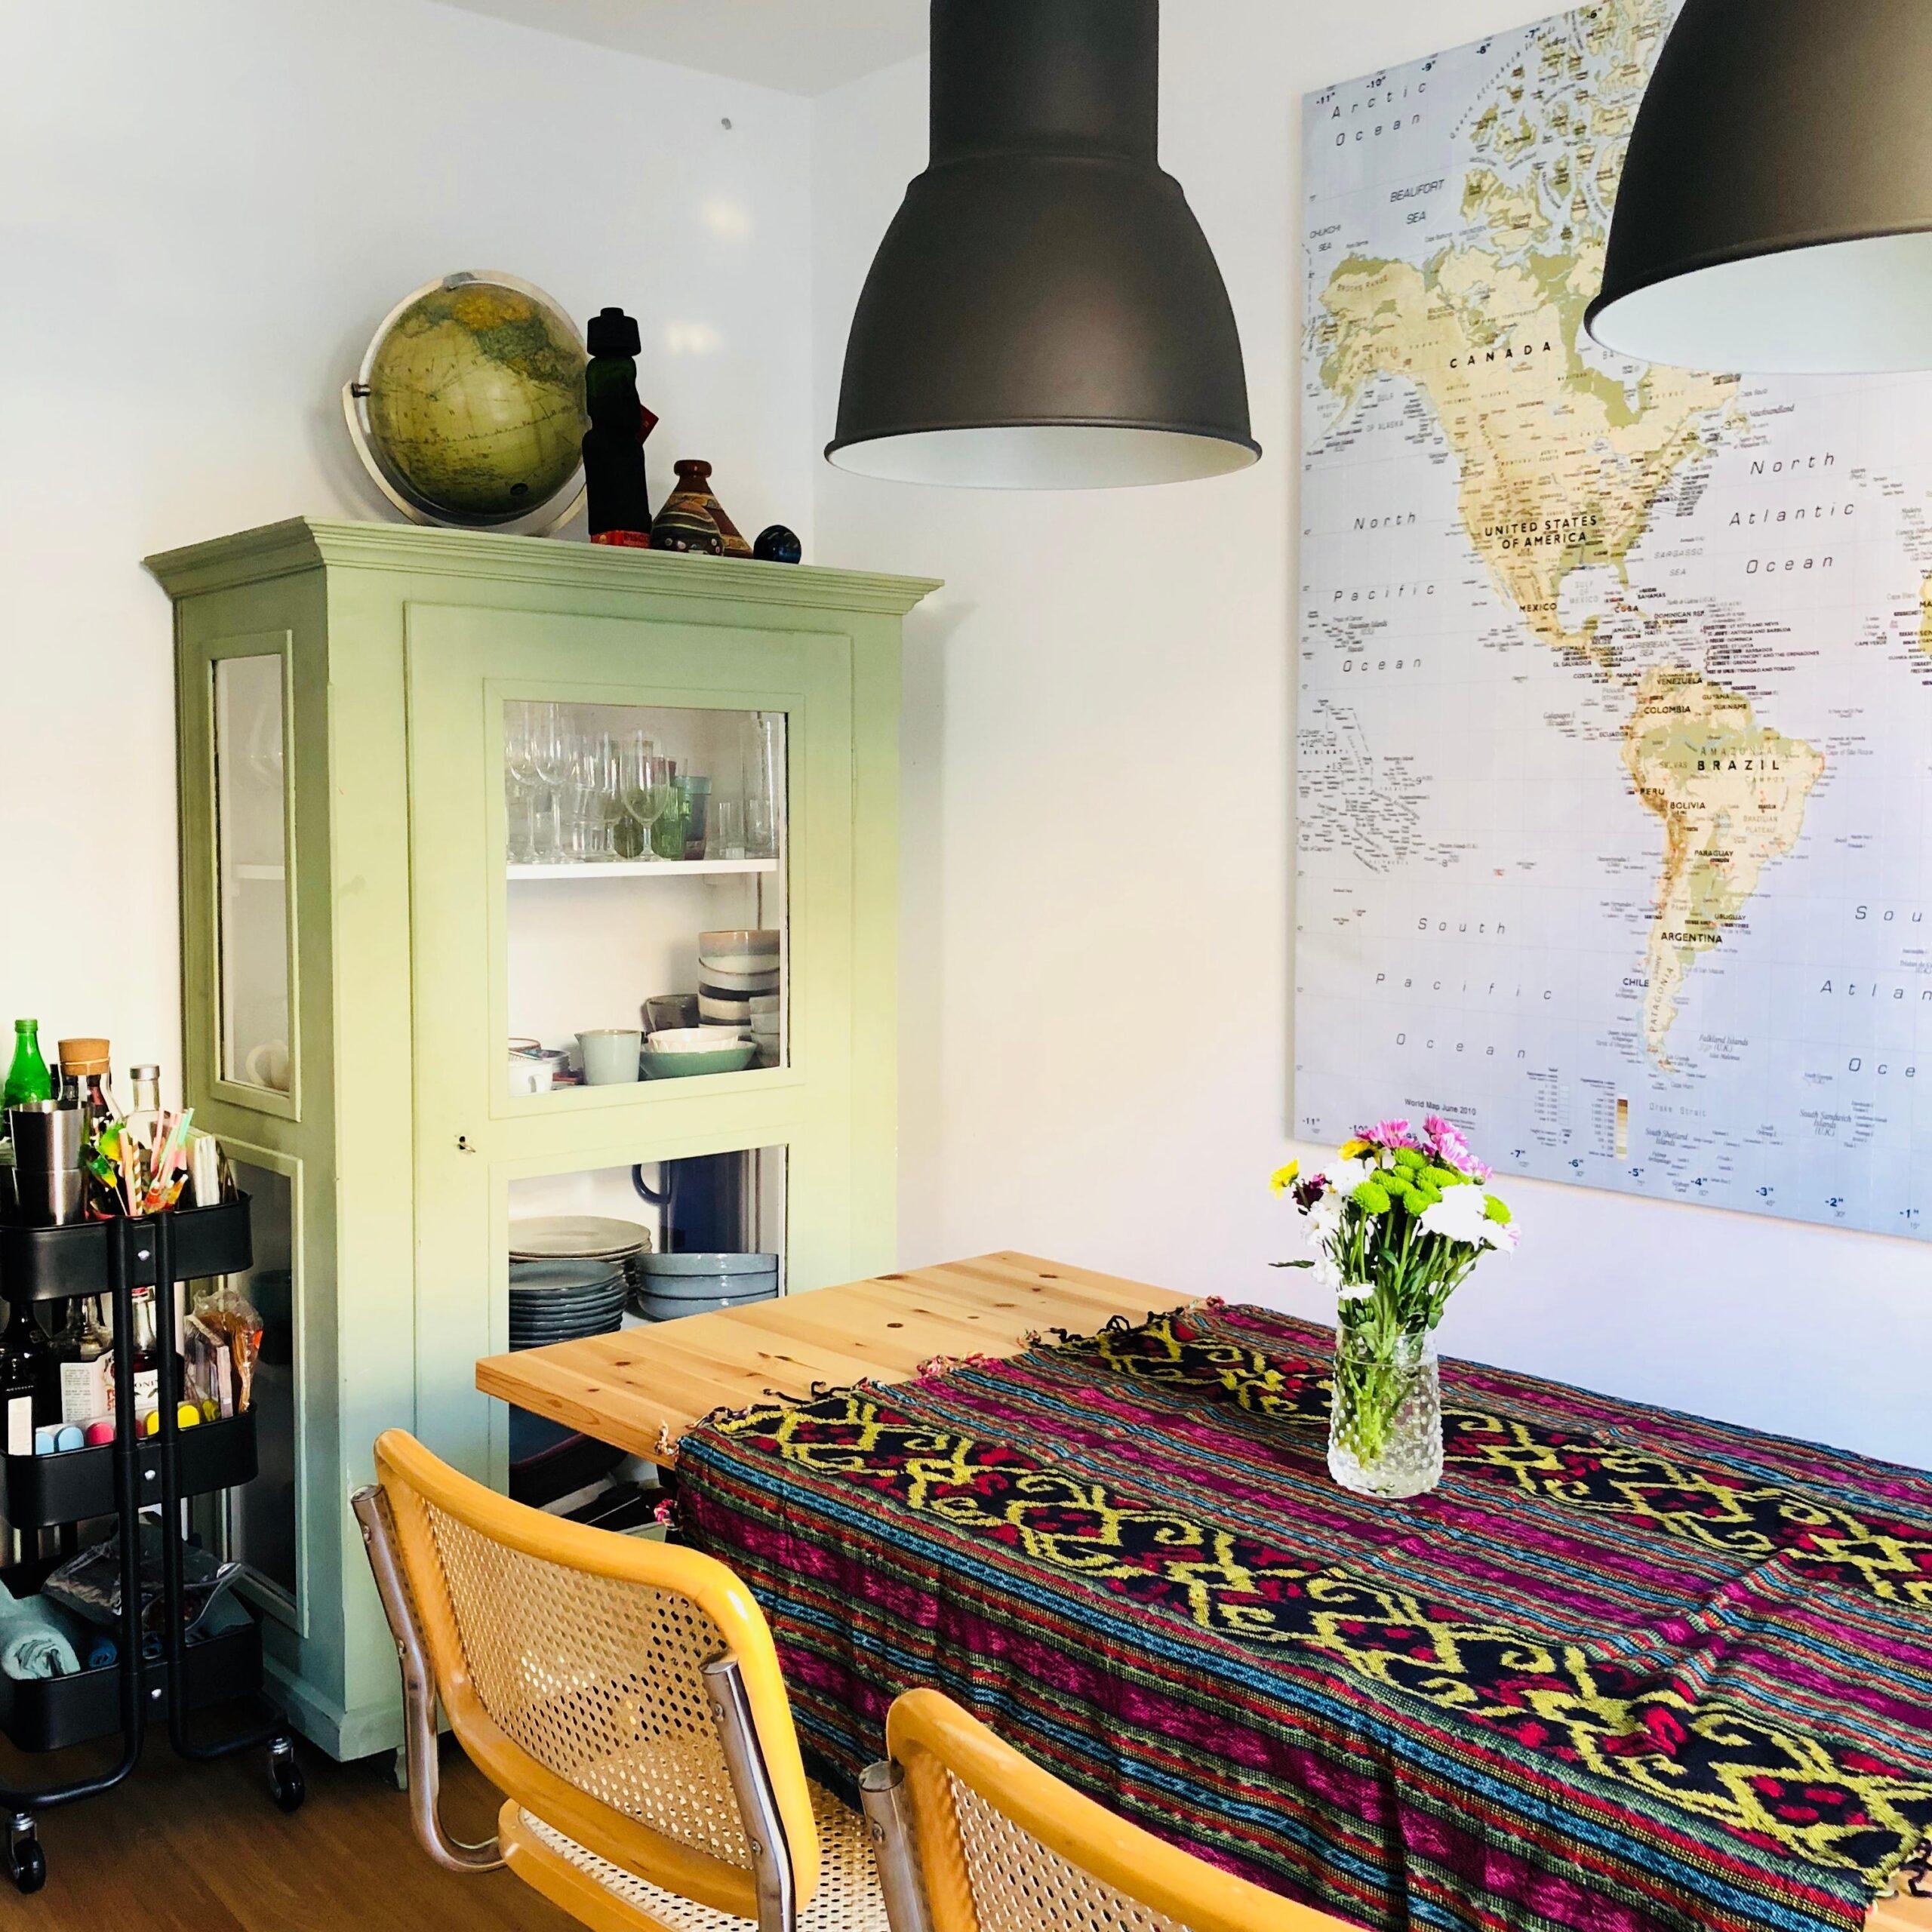 Full Size of Servierwagen Ikea Küche Kosten Betten 160x200 Kaufen Sofa Mit Schlaffunktion Bei Garten Miniküche Modulküche Wohnzimmer Servierwagen Ikea